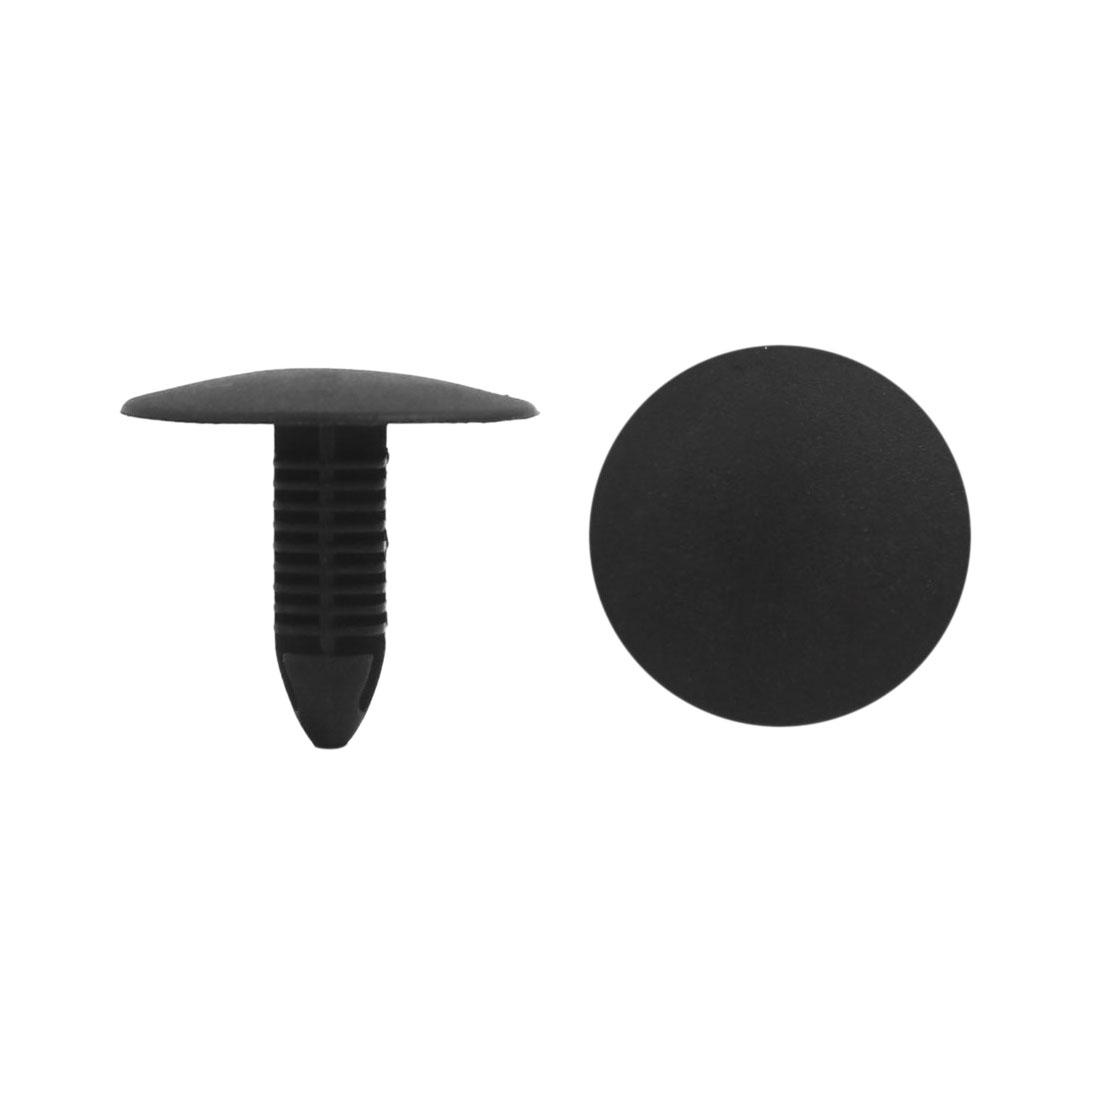 100Pcs Black Plastic Rivets Splash Guard Door Bumper Fastener Clips 10 x 8mm